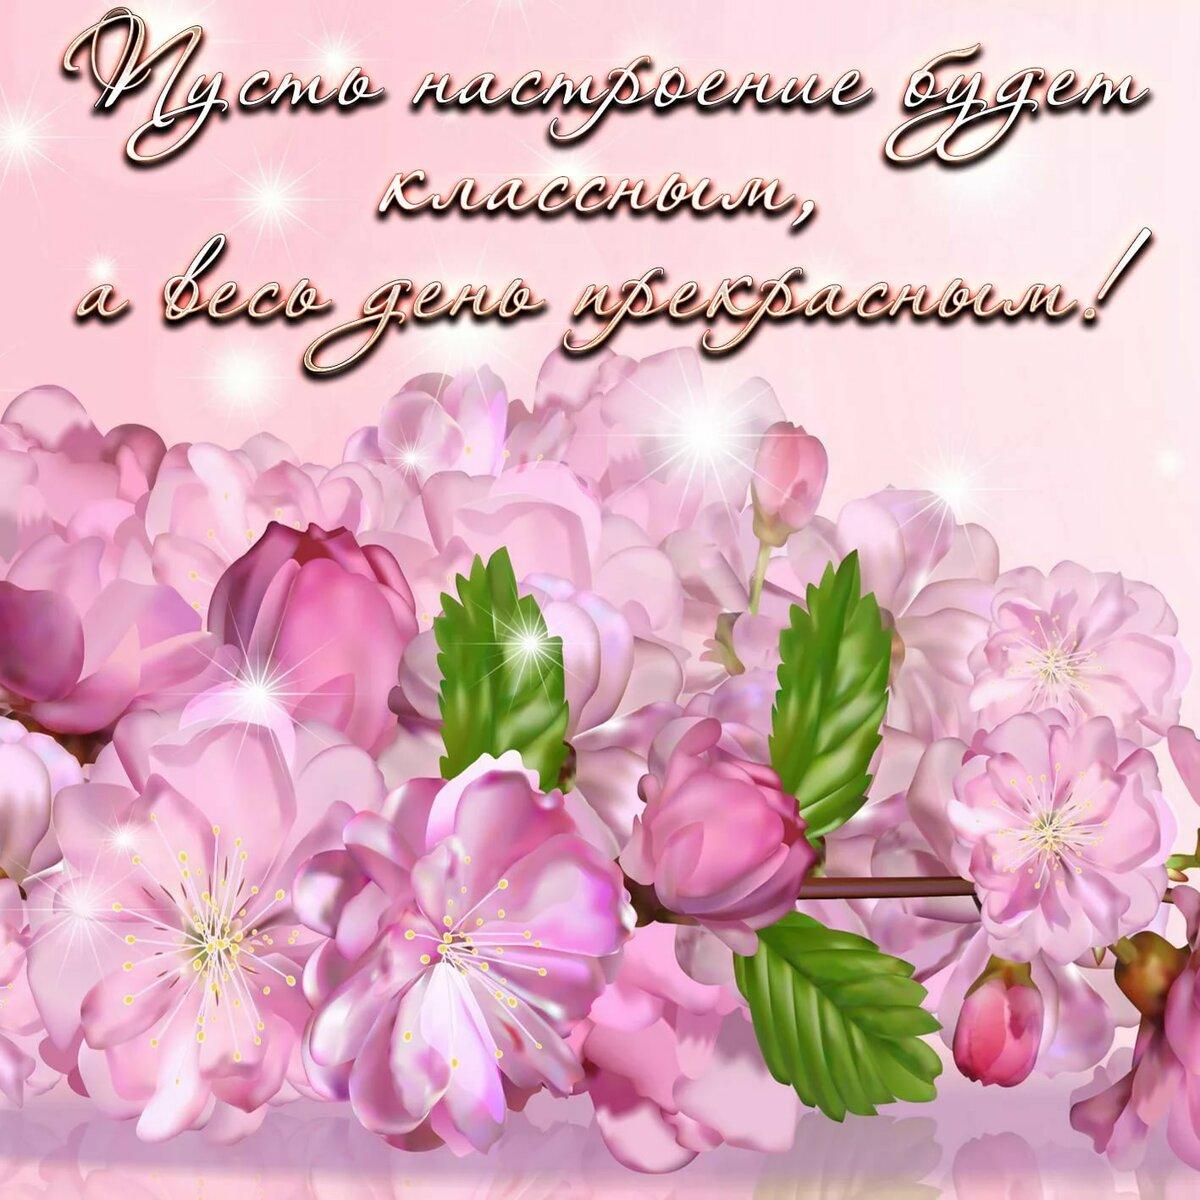 Цветы для настроения картинки красивые для женщины с пожеланиями